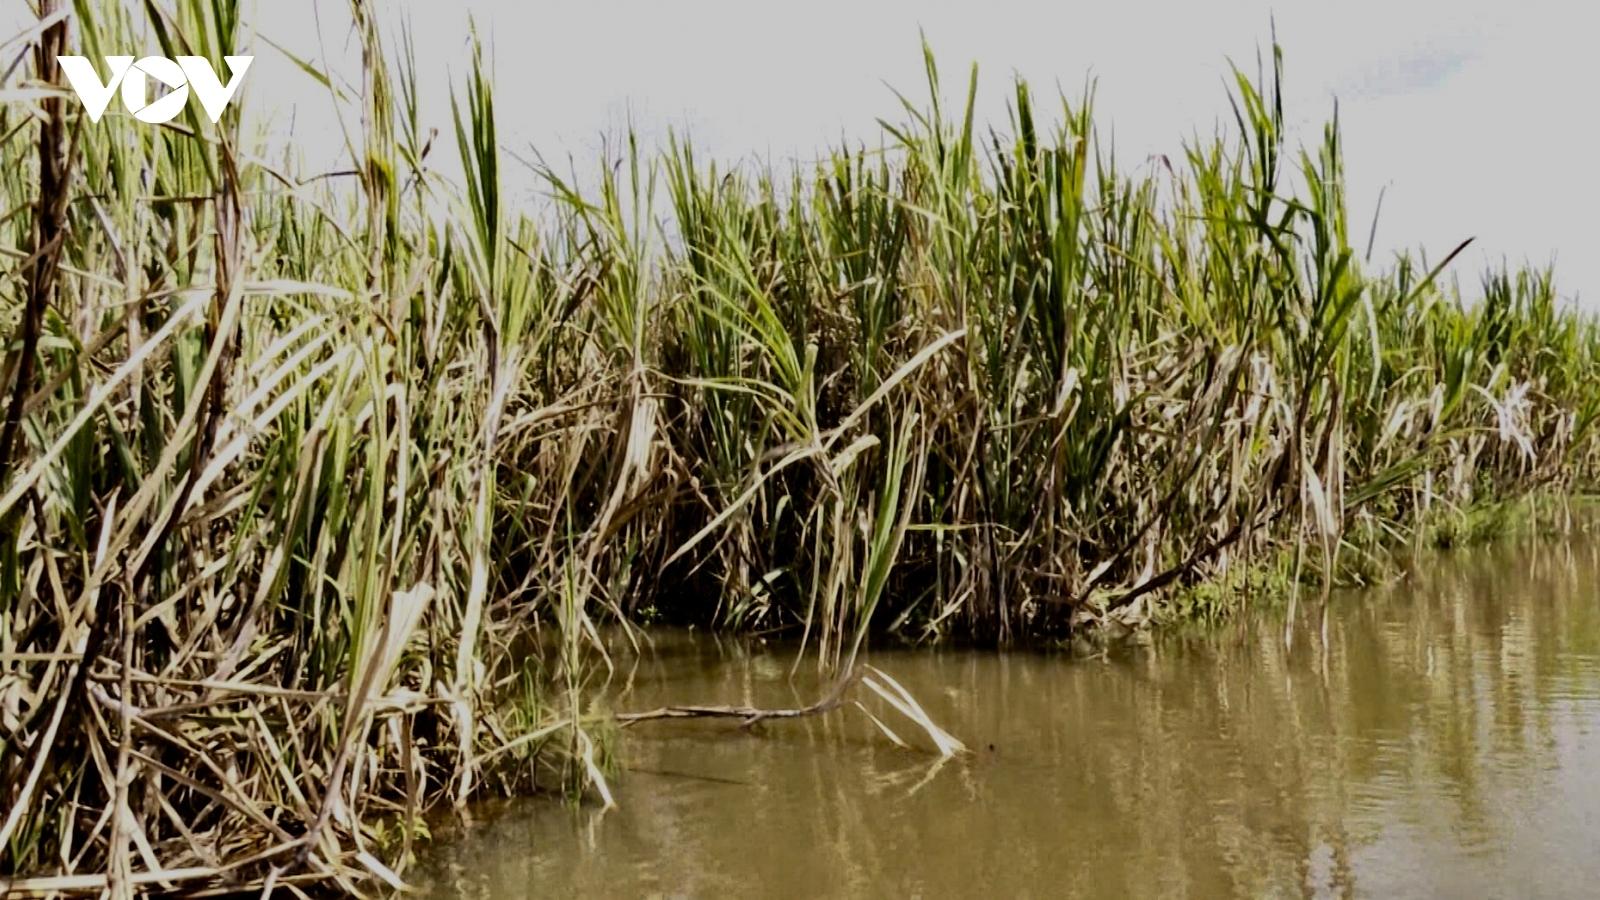 Hơn 1.100 ha mía ở Hậu Giang có nguy cơ thiệt hại do ngập úng